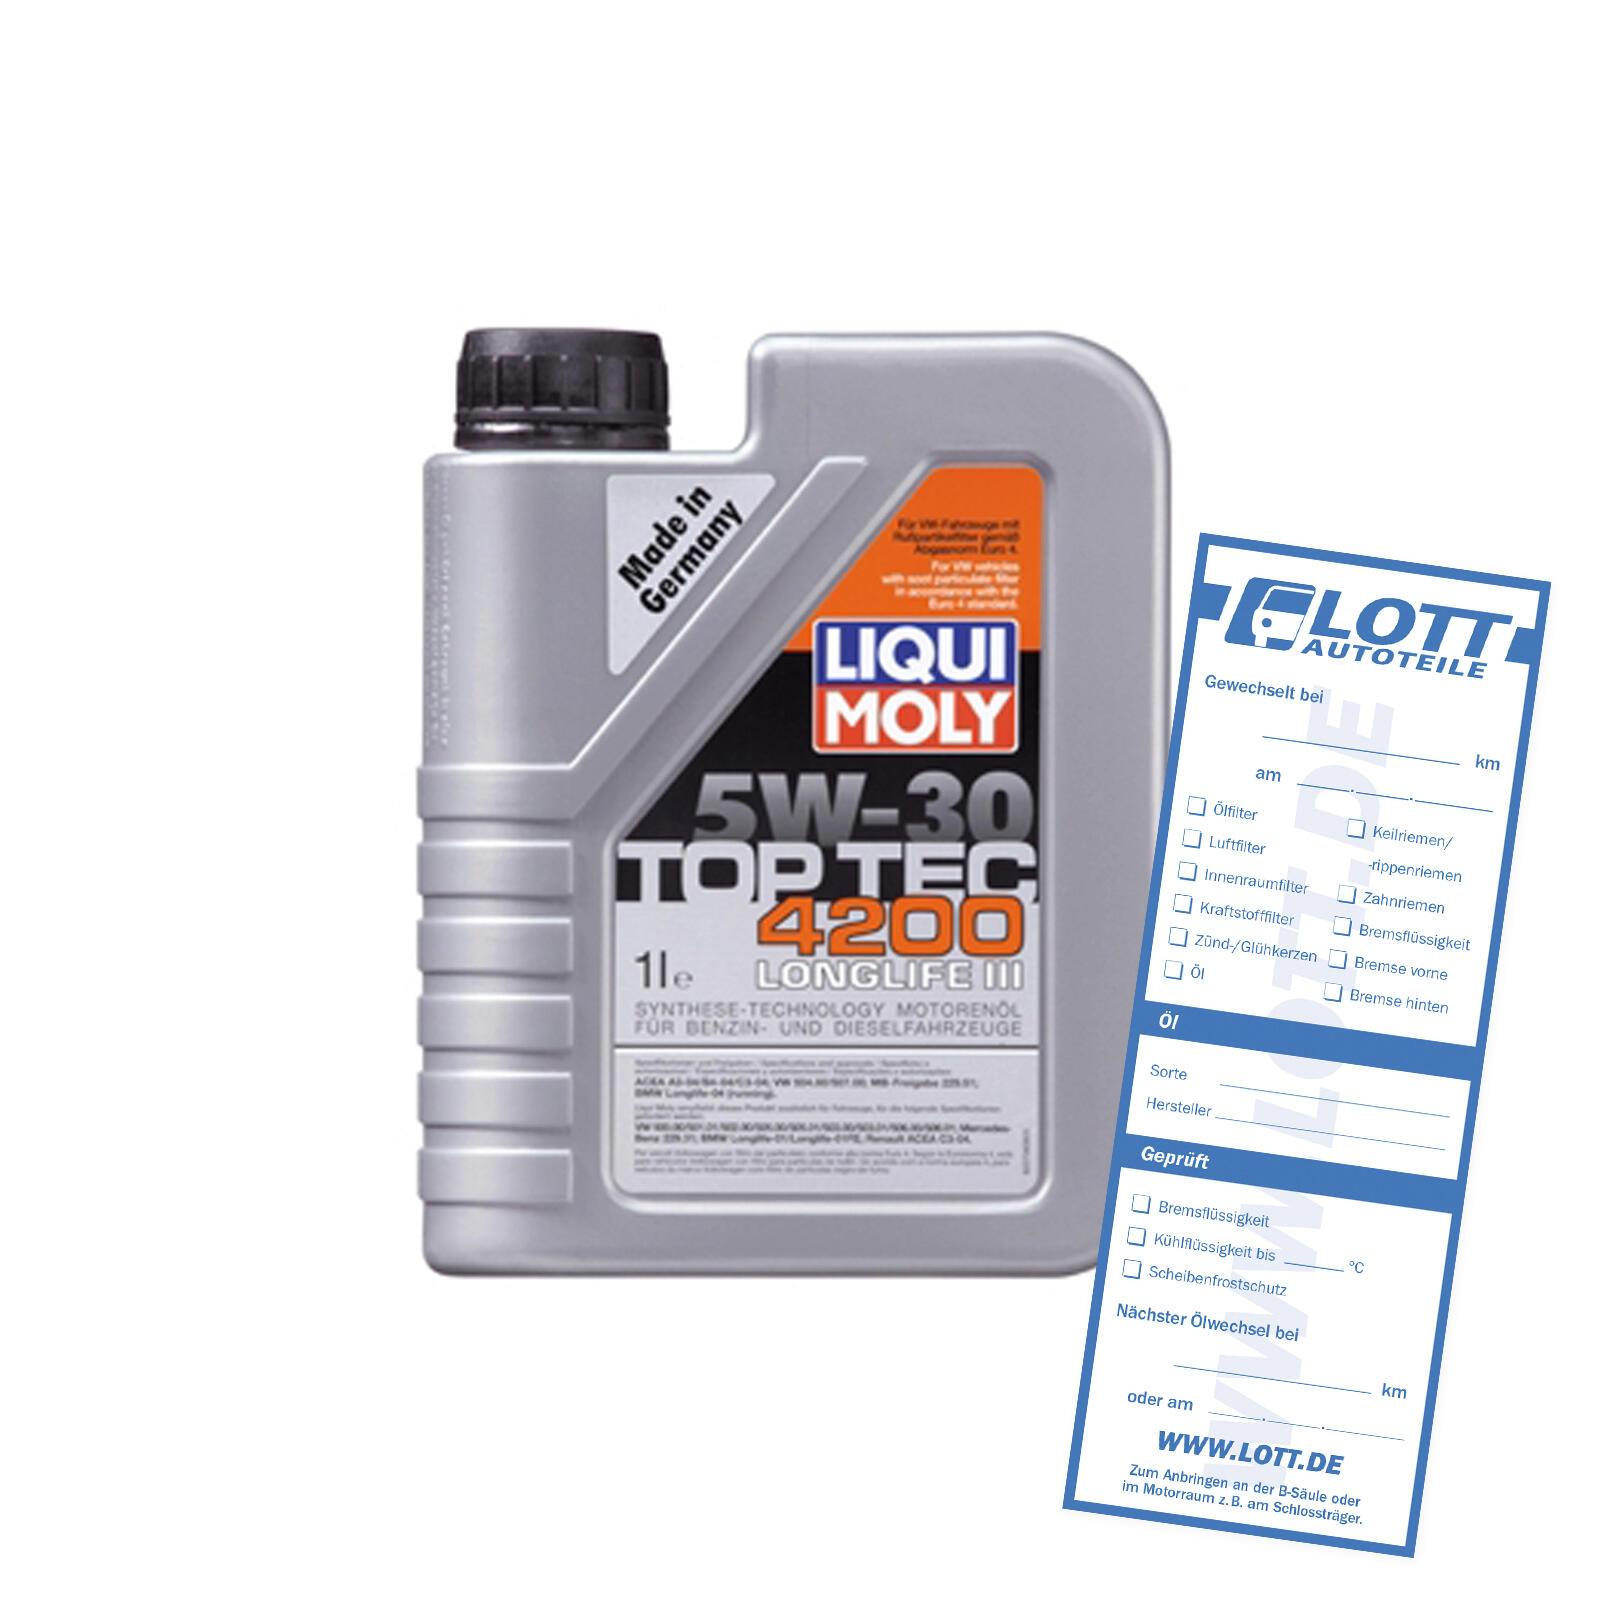 Liqui Moly Leichtlaufmotorenöl Top Tec 4200 5W-30 1L